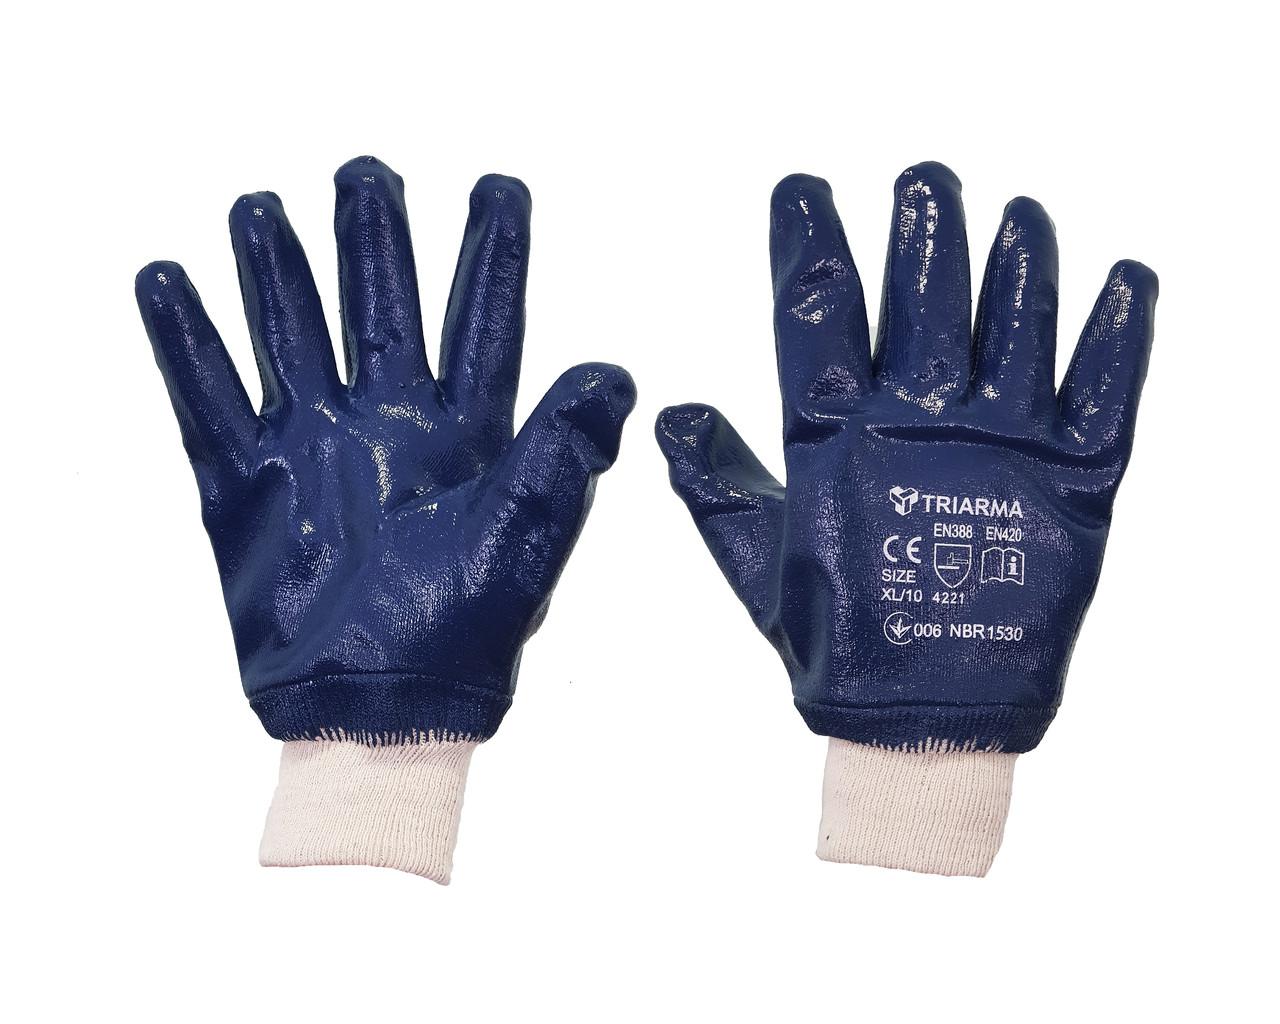 Защитные промышленные перчатки с двухслойным полным покрытием из нитрила.